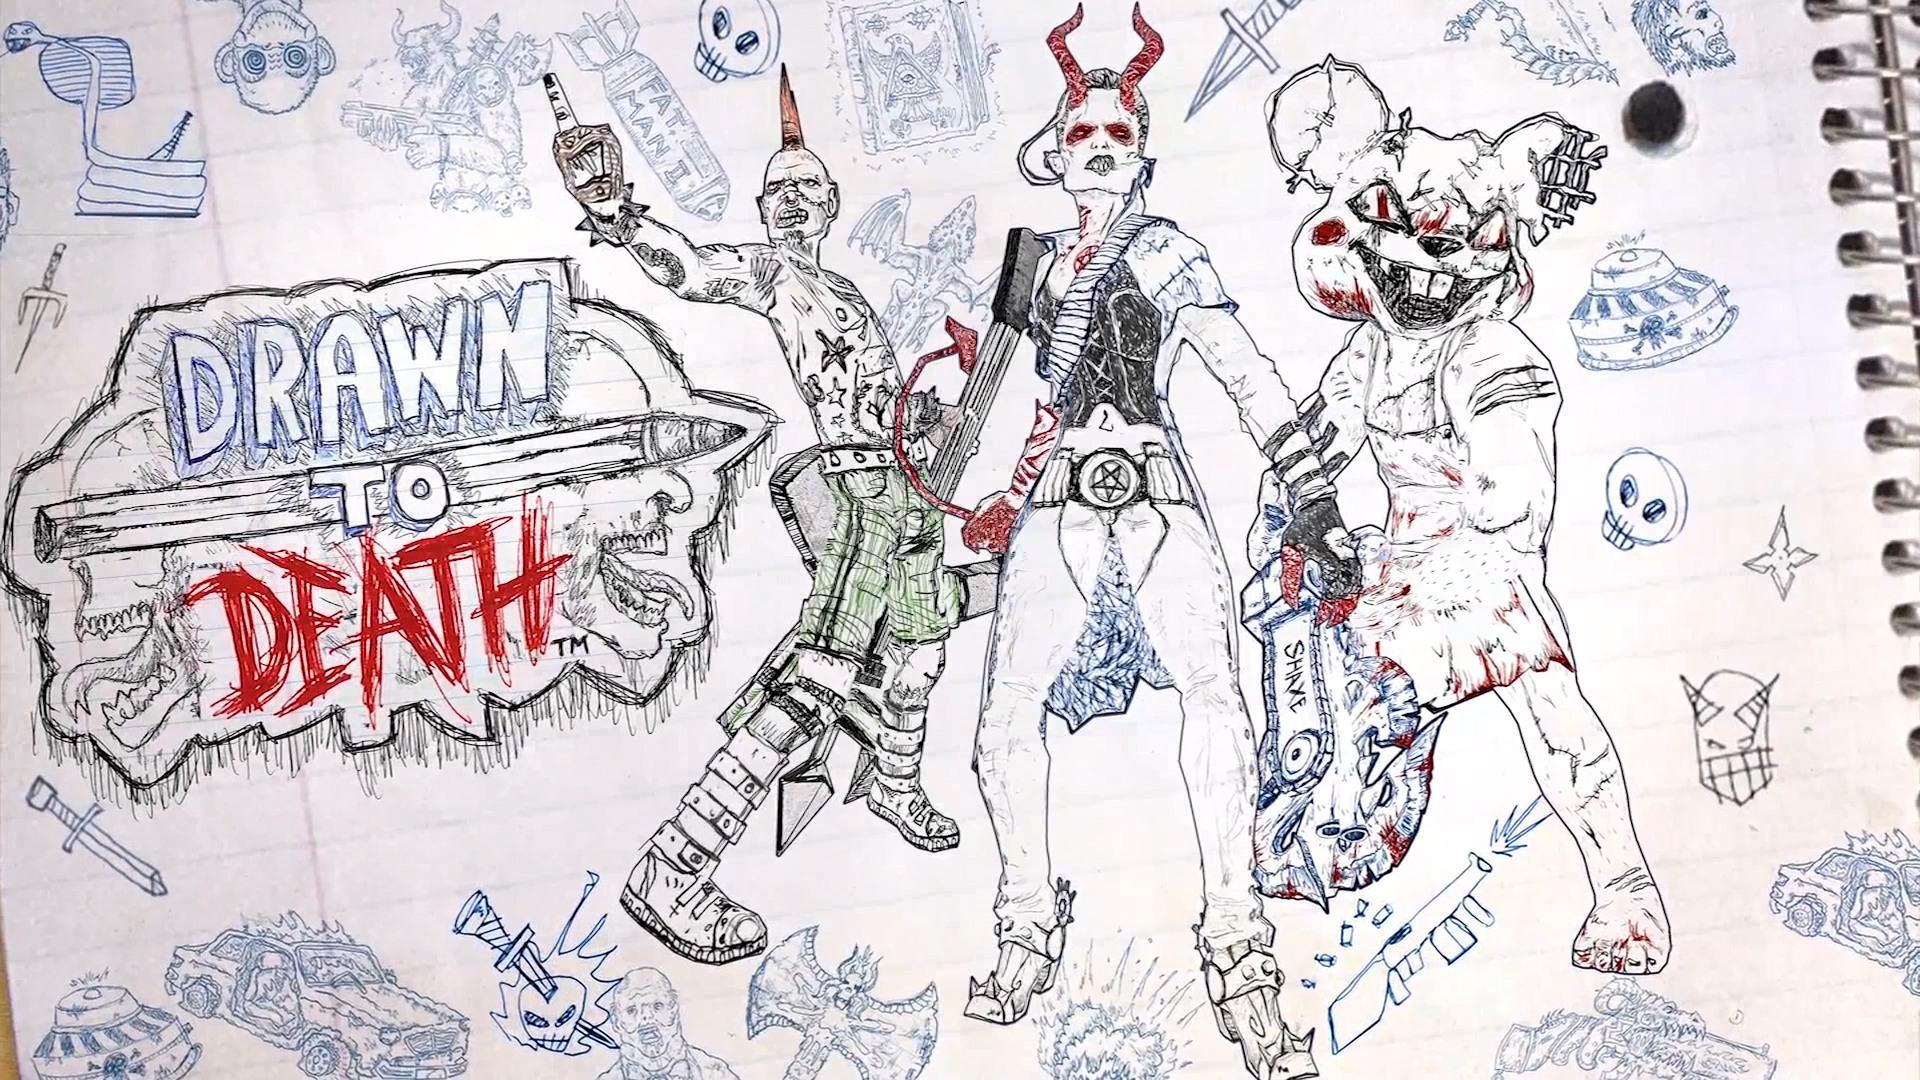 بإمكانكم الأن التسجيل للحصول على كود بيتا لعبة Drawn to Death